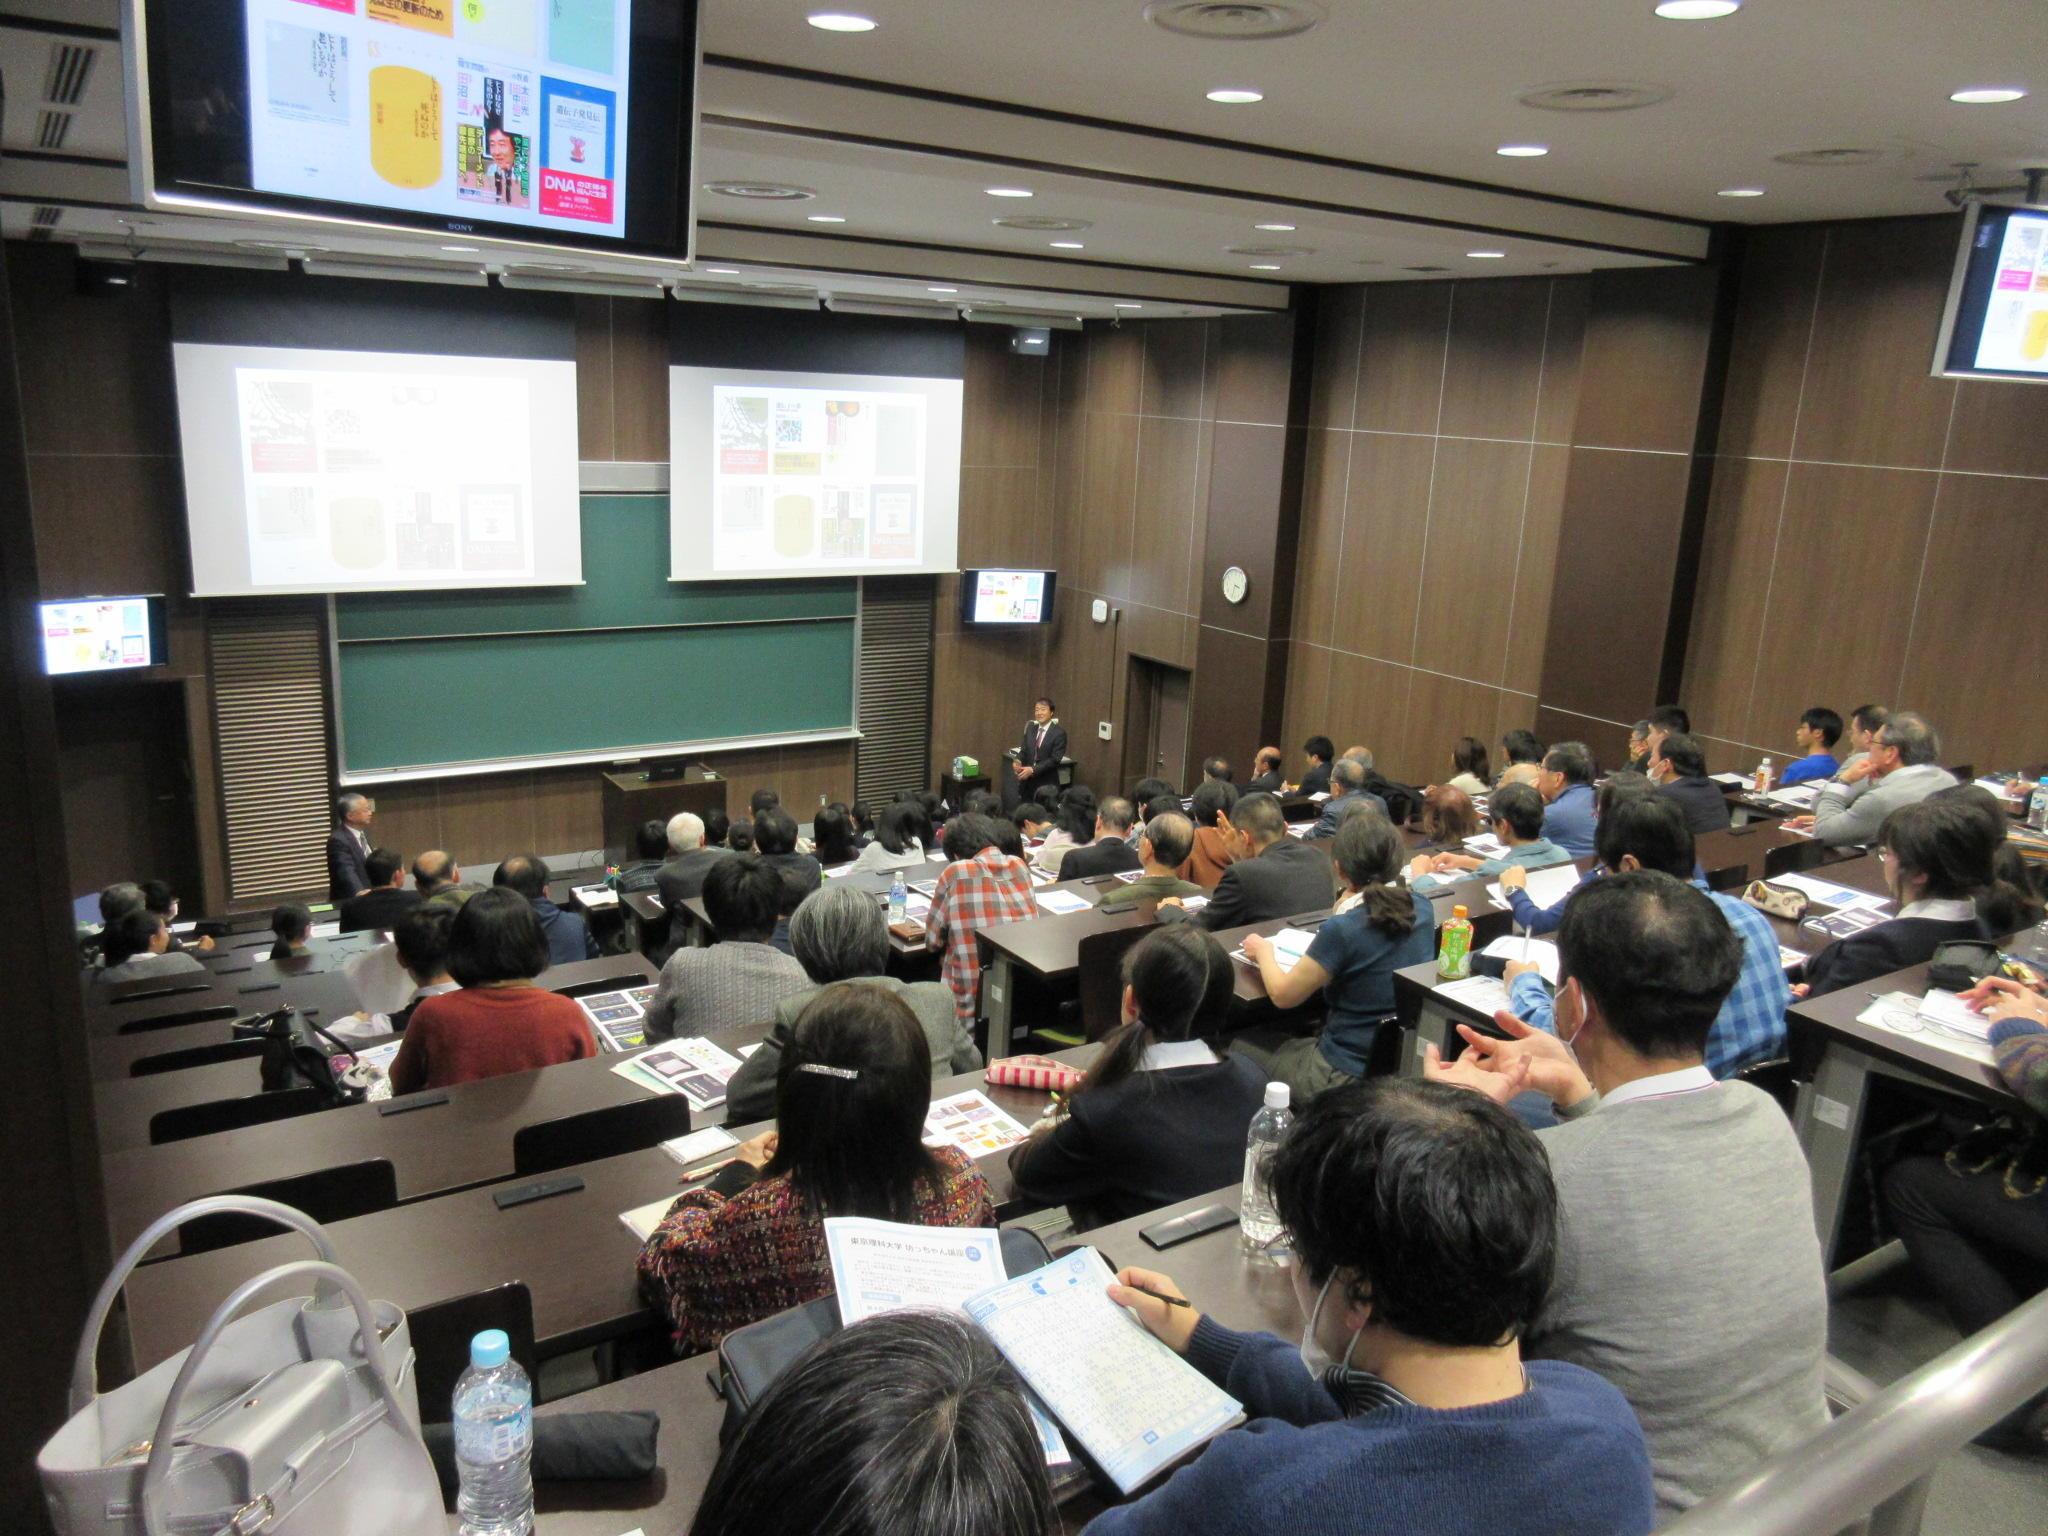 2019年度公開講座開催のお知らせ「東京理科大学 坊っちゃん講座」